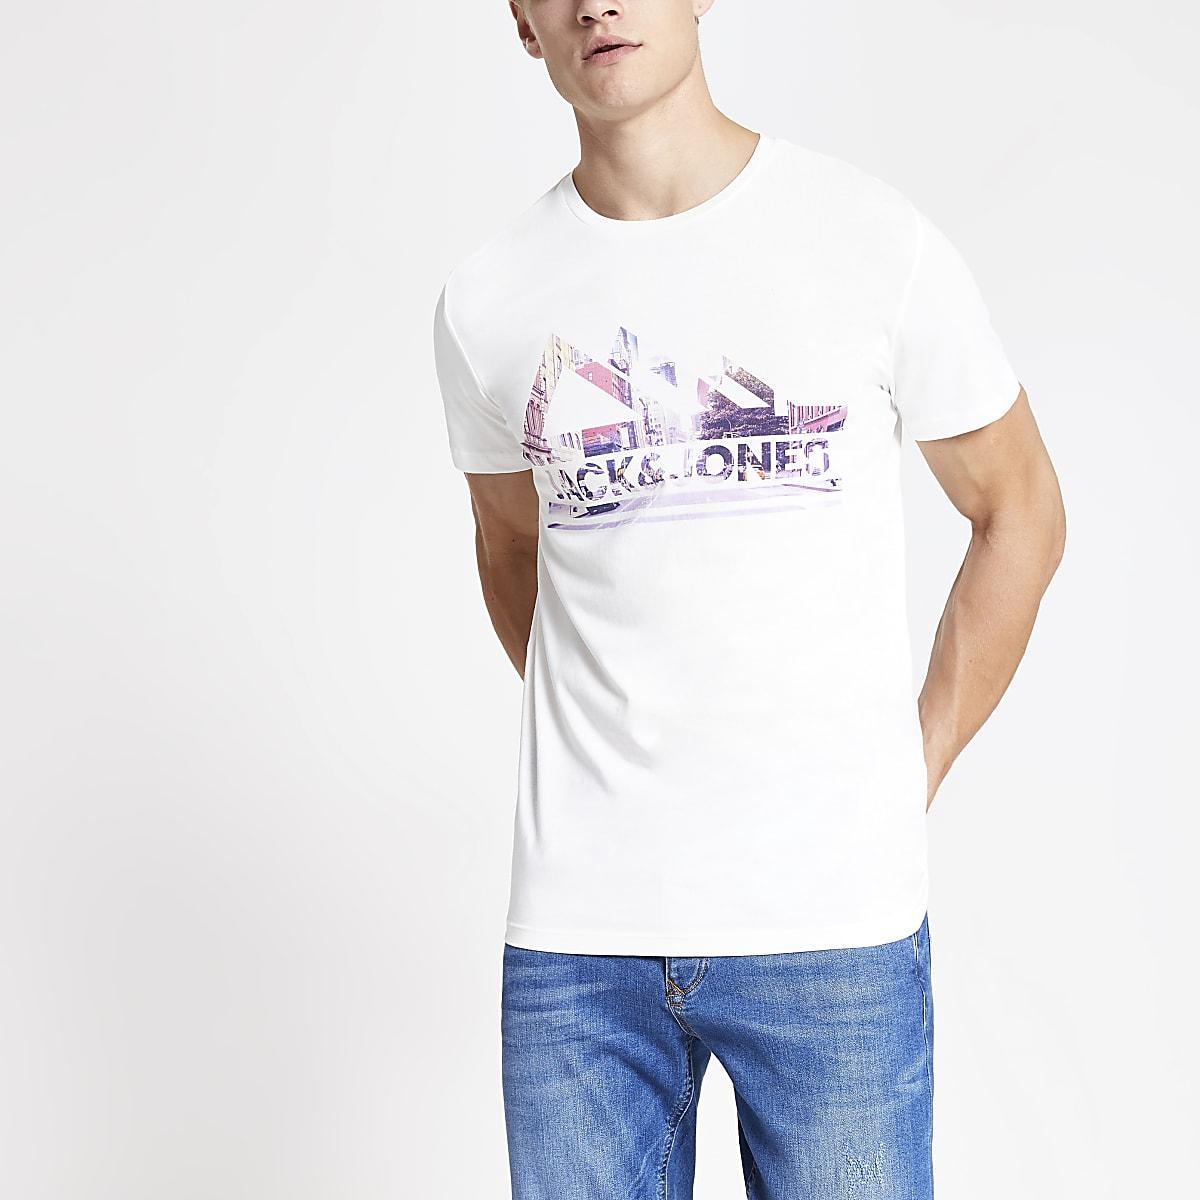 Jack and Jones - Wit merk-T-shirt